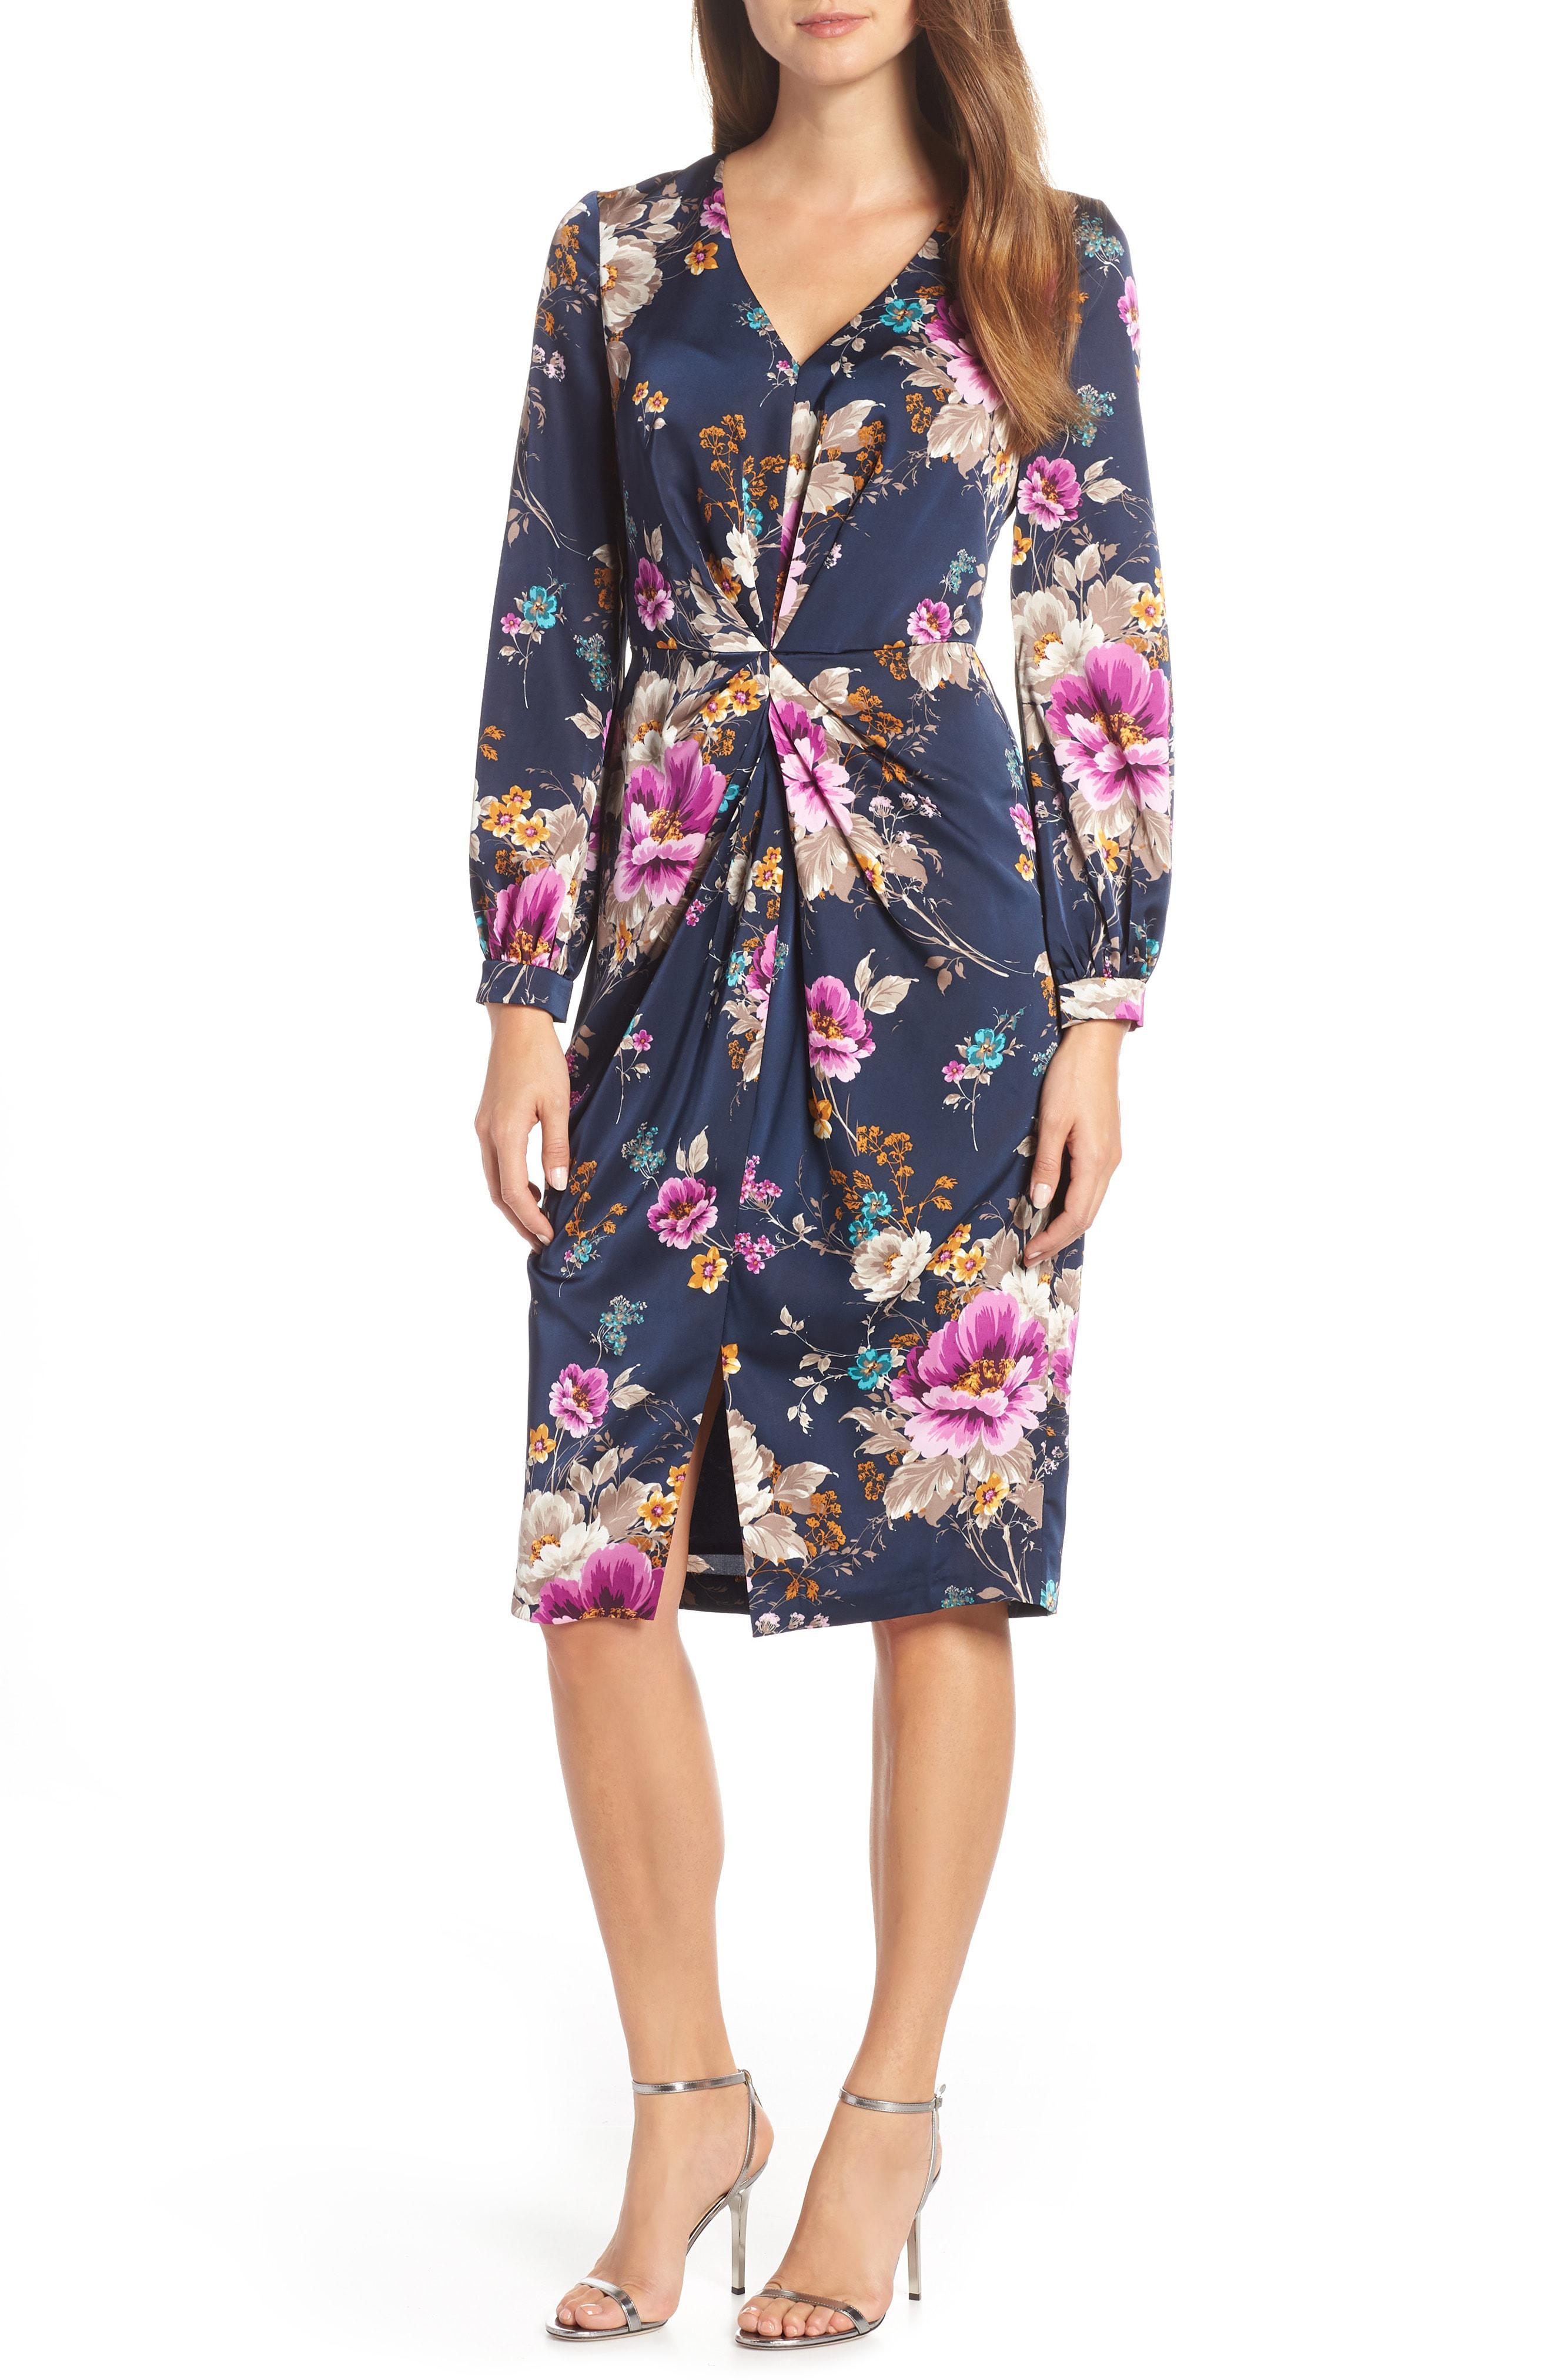 La Maison De Maggy Bondues flemish floral charmeuse draped sheath dress (navy/mulberry) dress